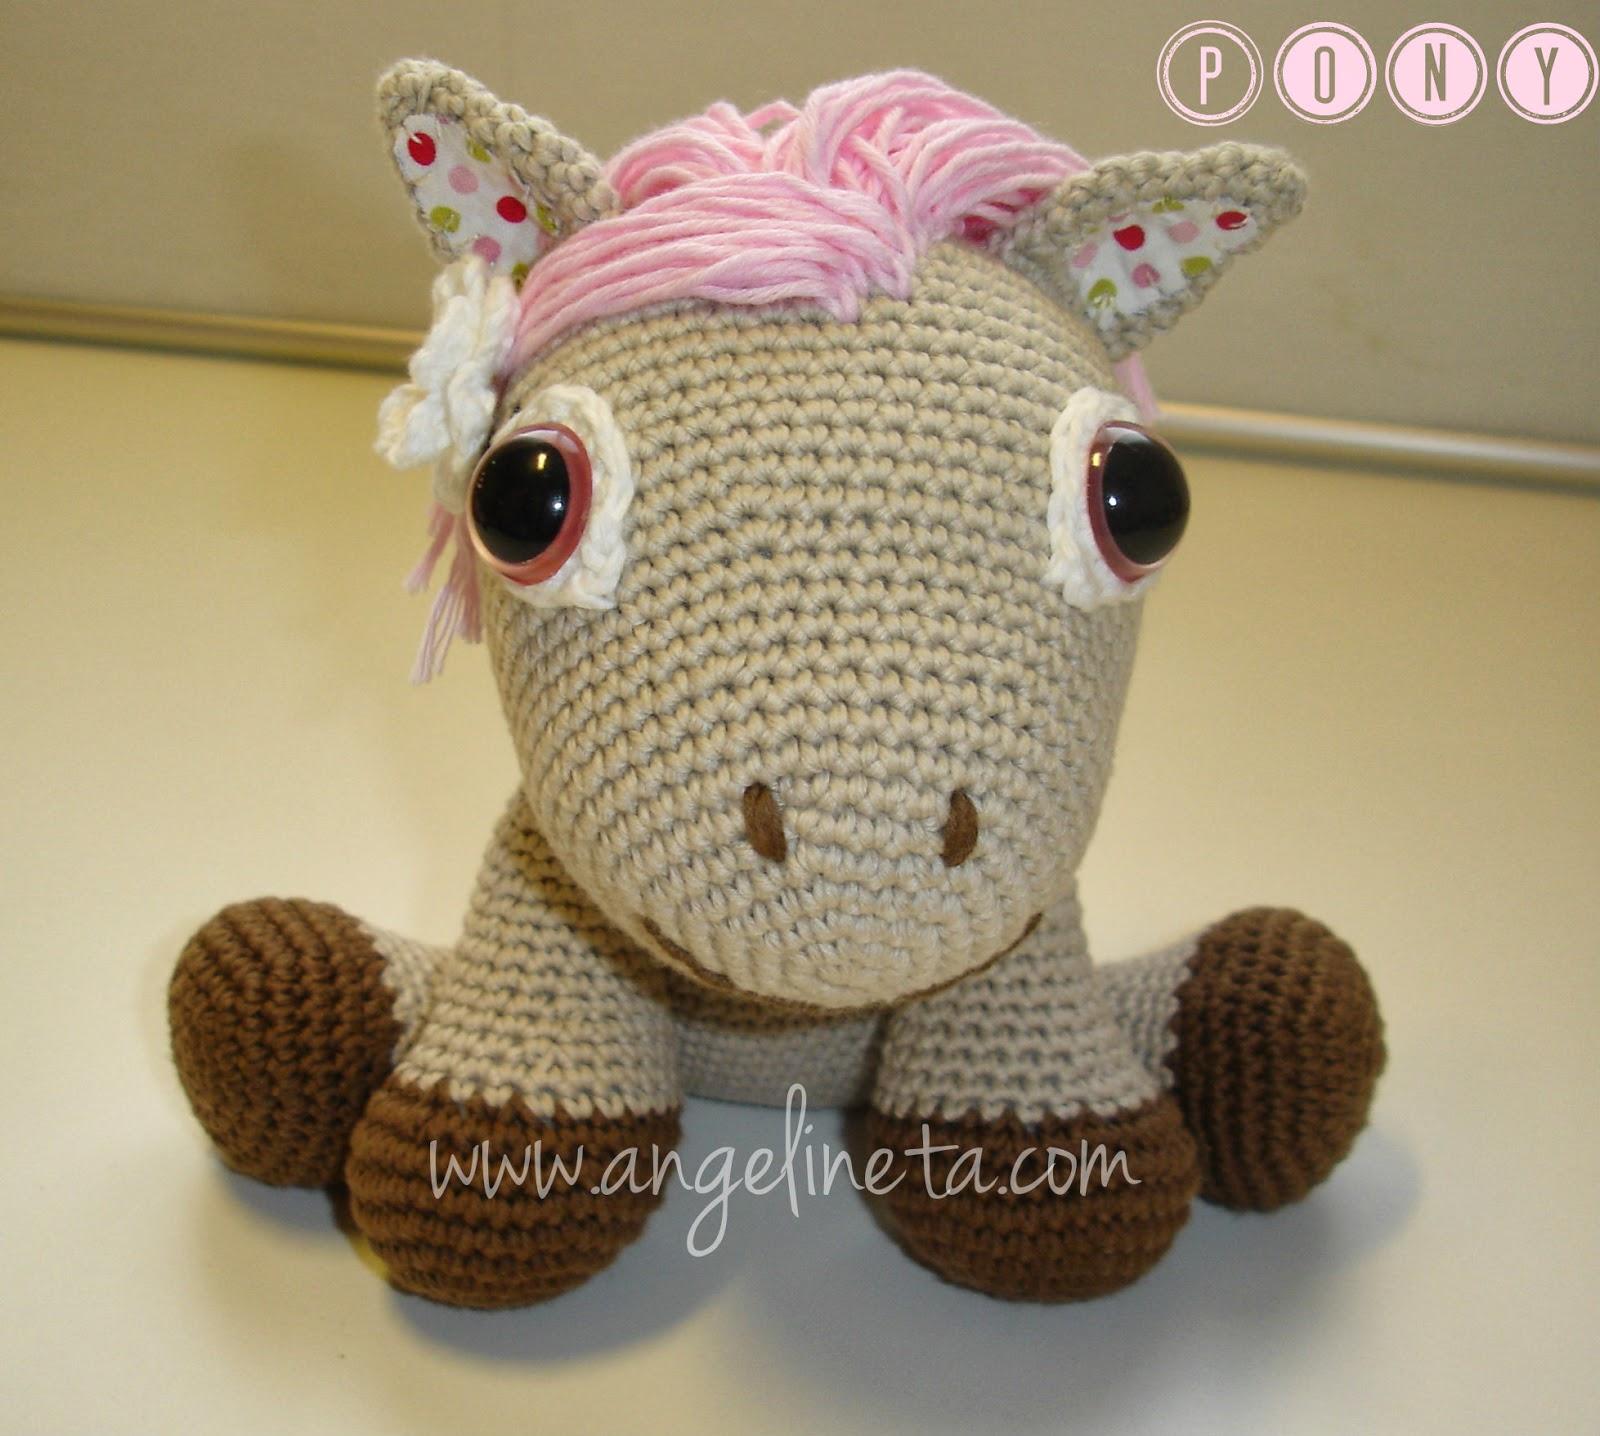 Ponytail Amigurumi : Angelineta: Pony amigurumi